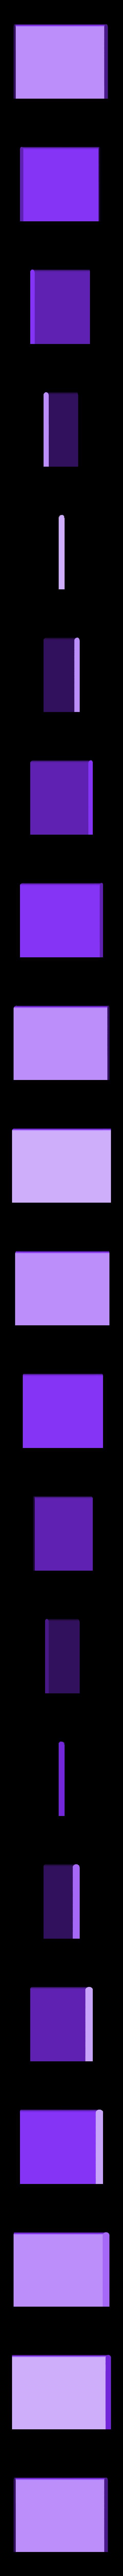 smith_sdewall1.stl Télécharger fichier STL gratuit Ripper's London - Les boutiques Partie 1 - Smiths and Co • Plan pour impression 3D, Earsling